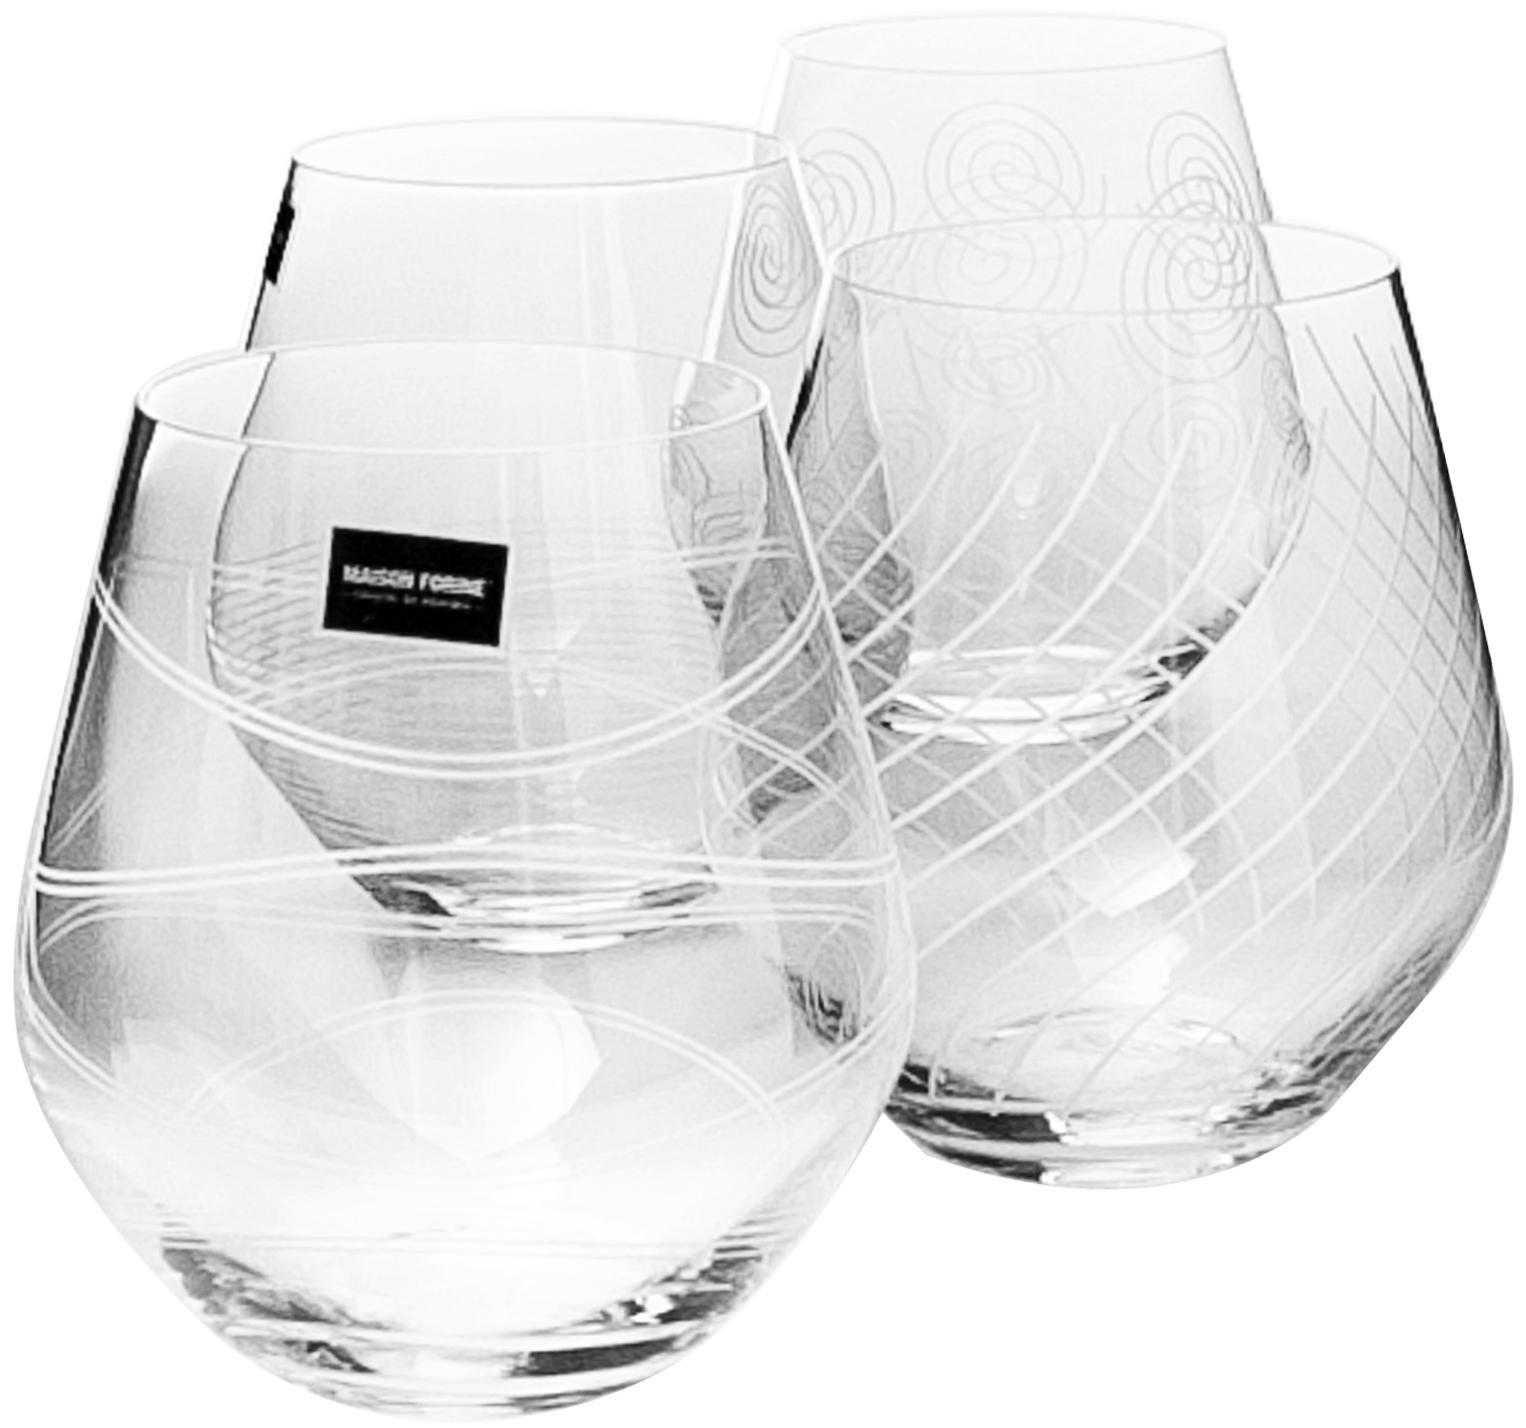 Набор стаканов Banquet Crystal порадуют не только вас, но и ваших гостей. Они обладают привлекательным внешним видом, а материалом их изготовления является высококачественное хрустальное стекло. Они идеально подойдут для сервировки праздничного стола. Кроме того, красоту бокалов подчеркивают элегантные изгибы и оригинальный узор. Объем одного бокала составляет 500 мл. Количество в упаковке 4 шт.